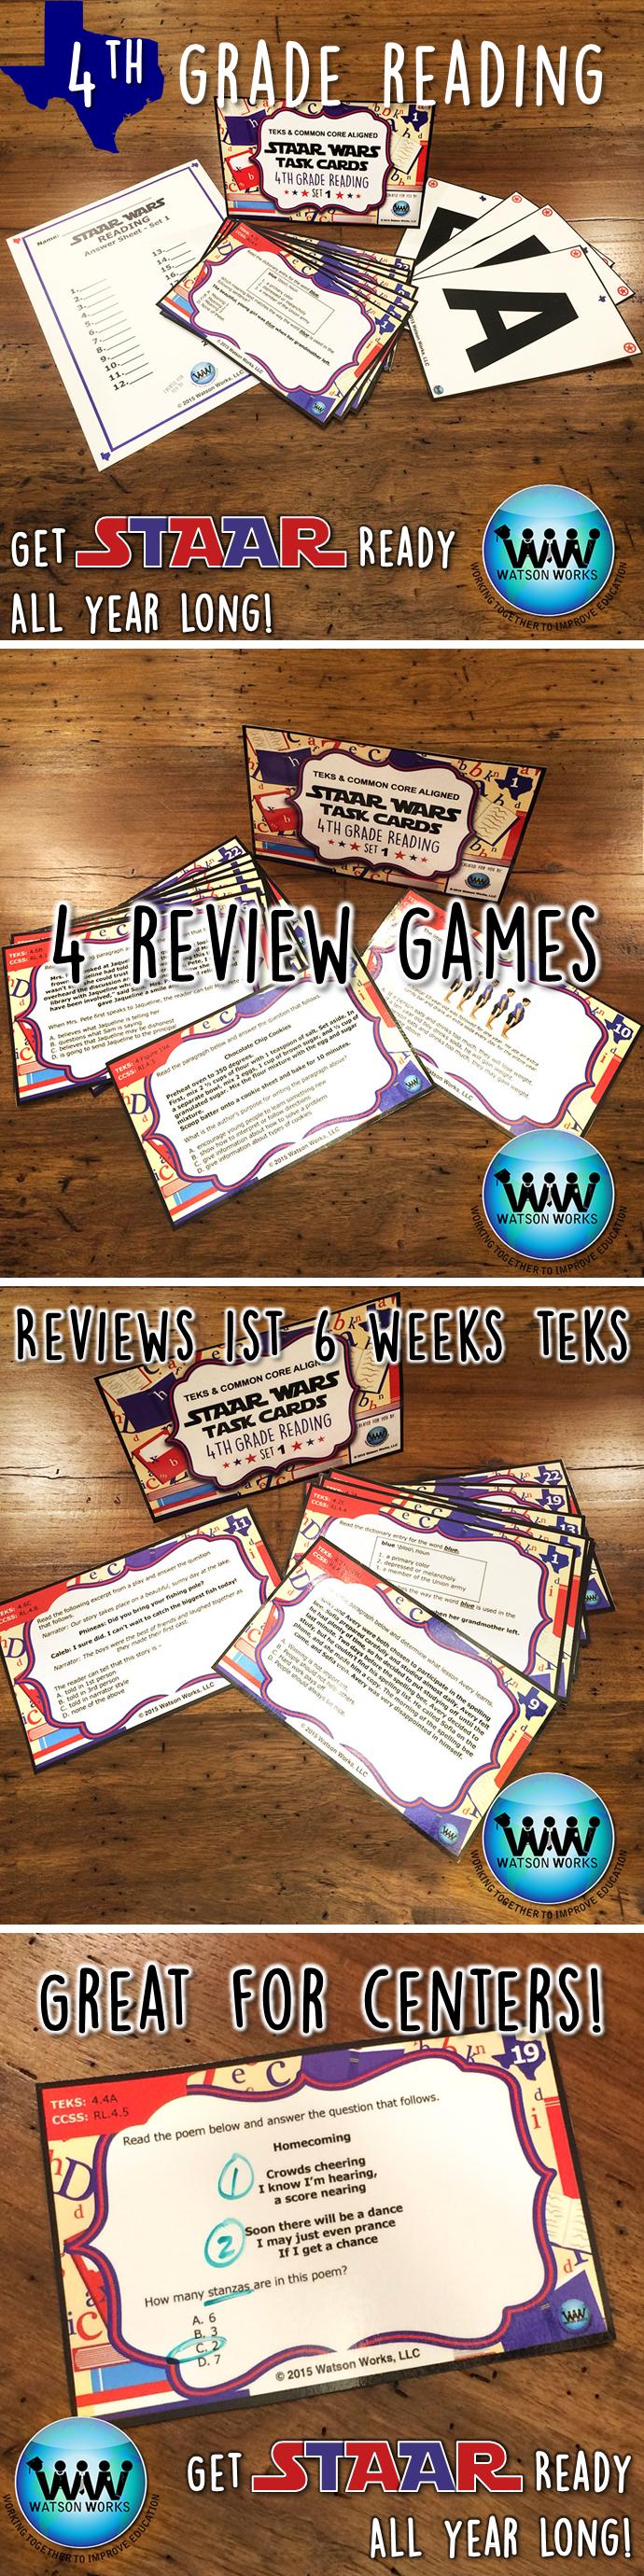 a79e83455e09f4b5c6cc9b6667ef9a44 Tea Th Grade Reading Teks on assessment worksheets, log sheets for, comprehension story worksheet, log print, vocabulary worksheets, practice worksheets, comprehension fun,